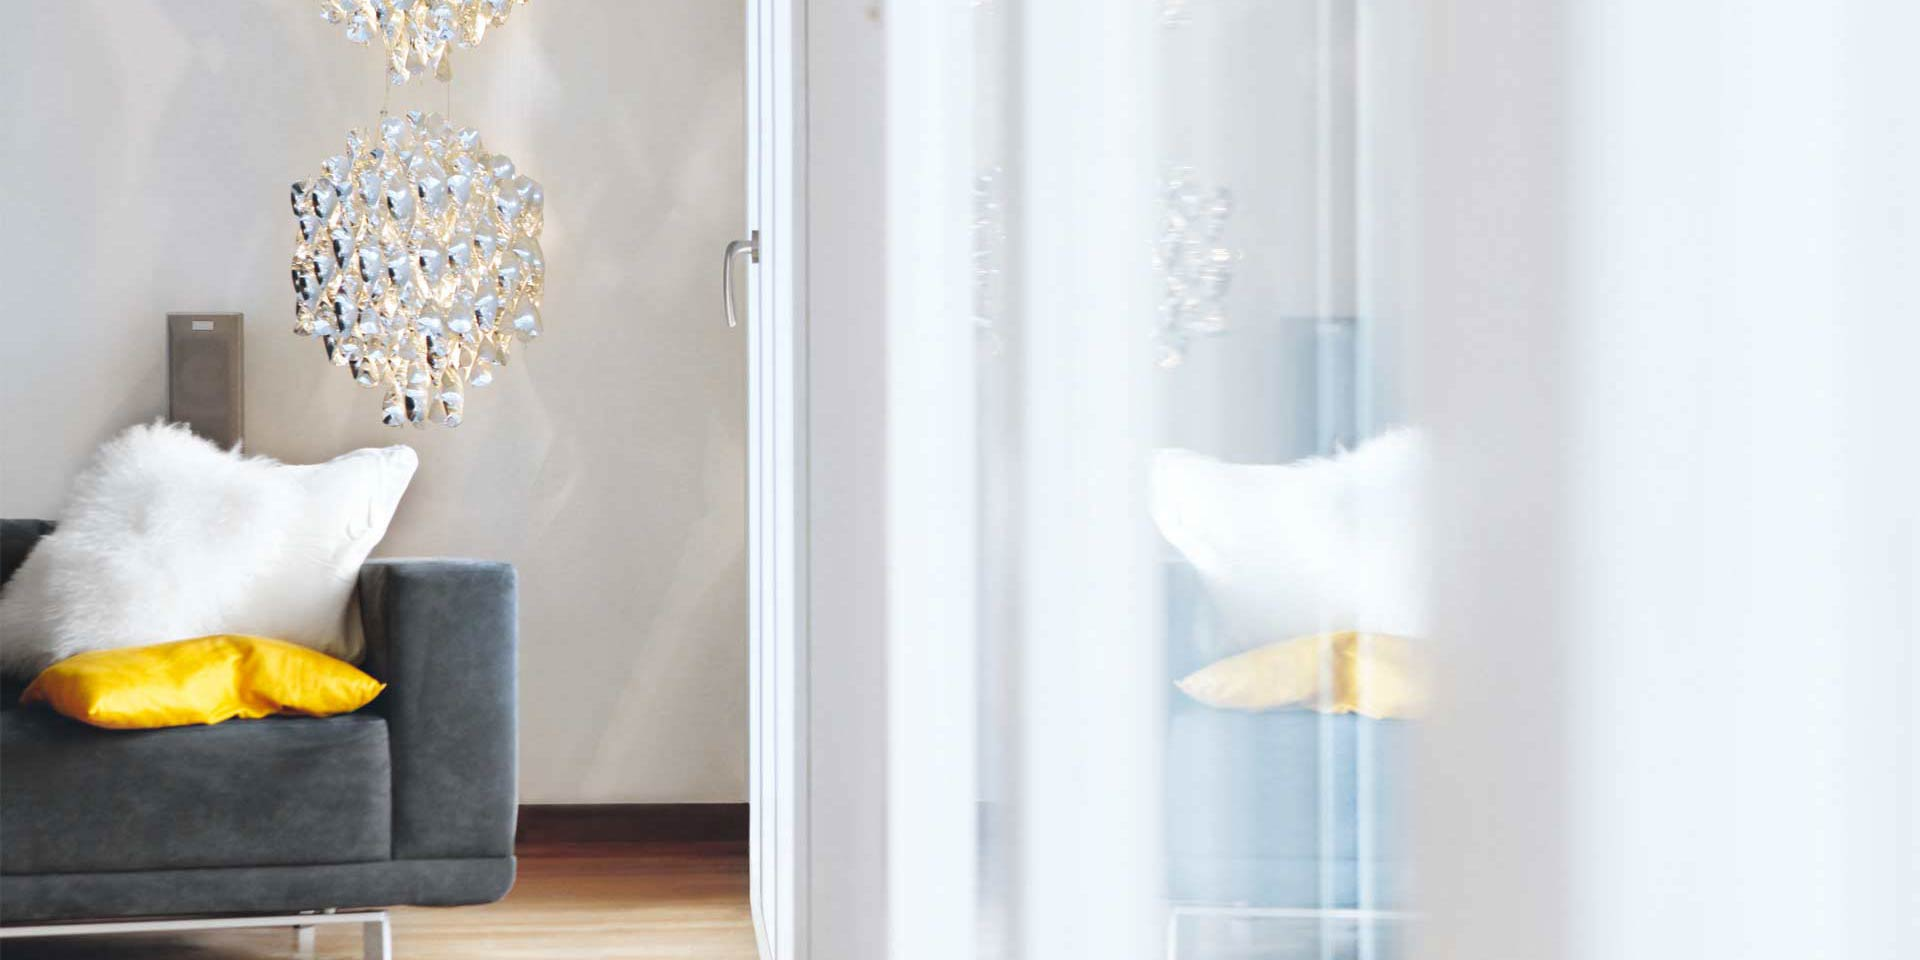 Full Size of Weru Fenster Preise Castello Schwarz Gmbh Drutex Konfigurieren Rc 2 Herne Aron Runde Mit Rolladen Weihnachtsbeleuchtung Gebrauchte Kaufen Dreifachverglasung In Fenster Weru Fenster Preise